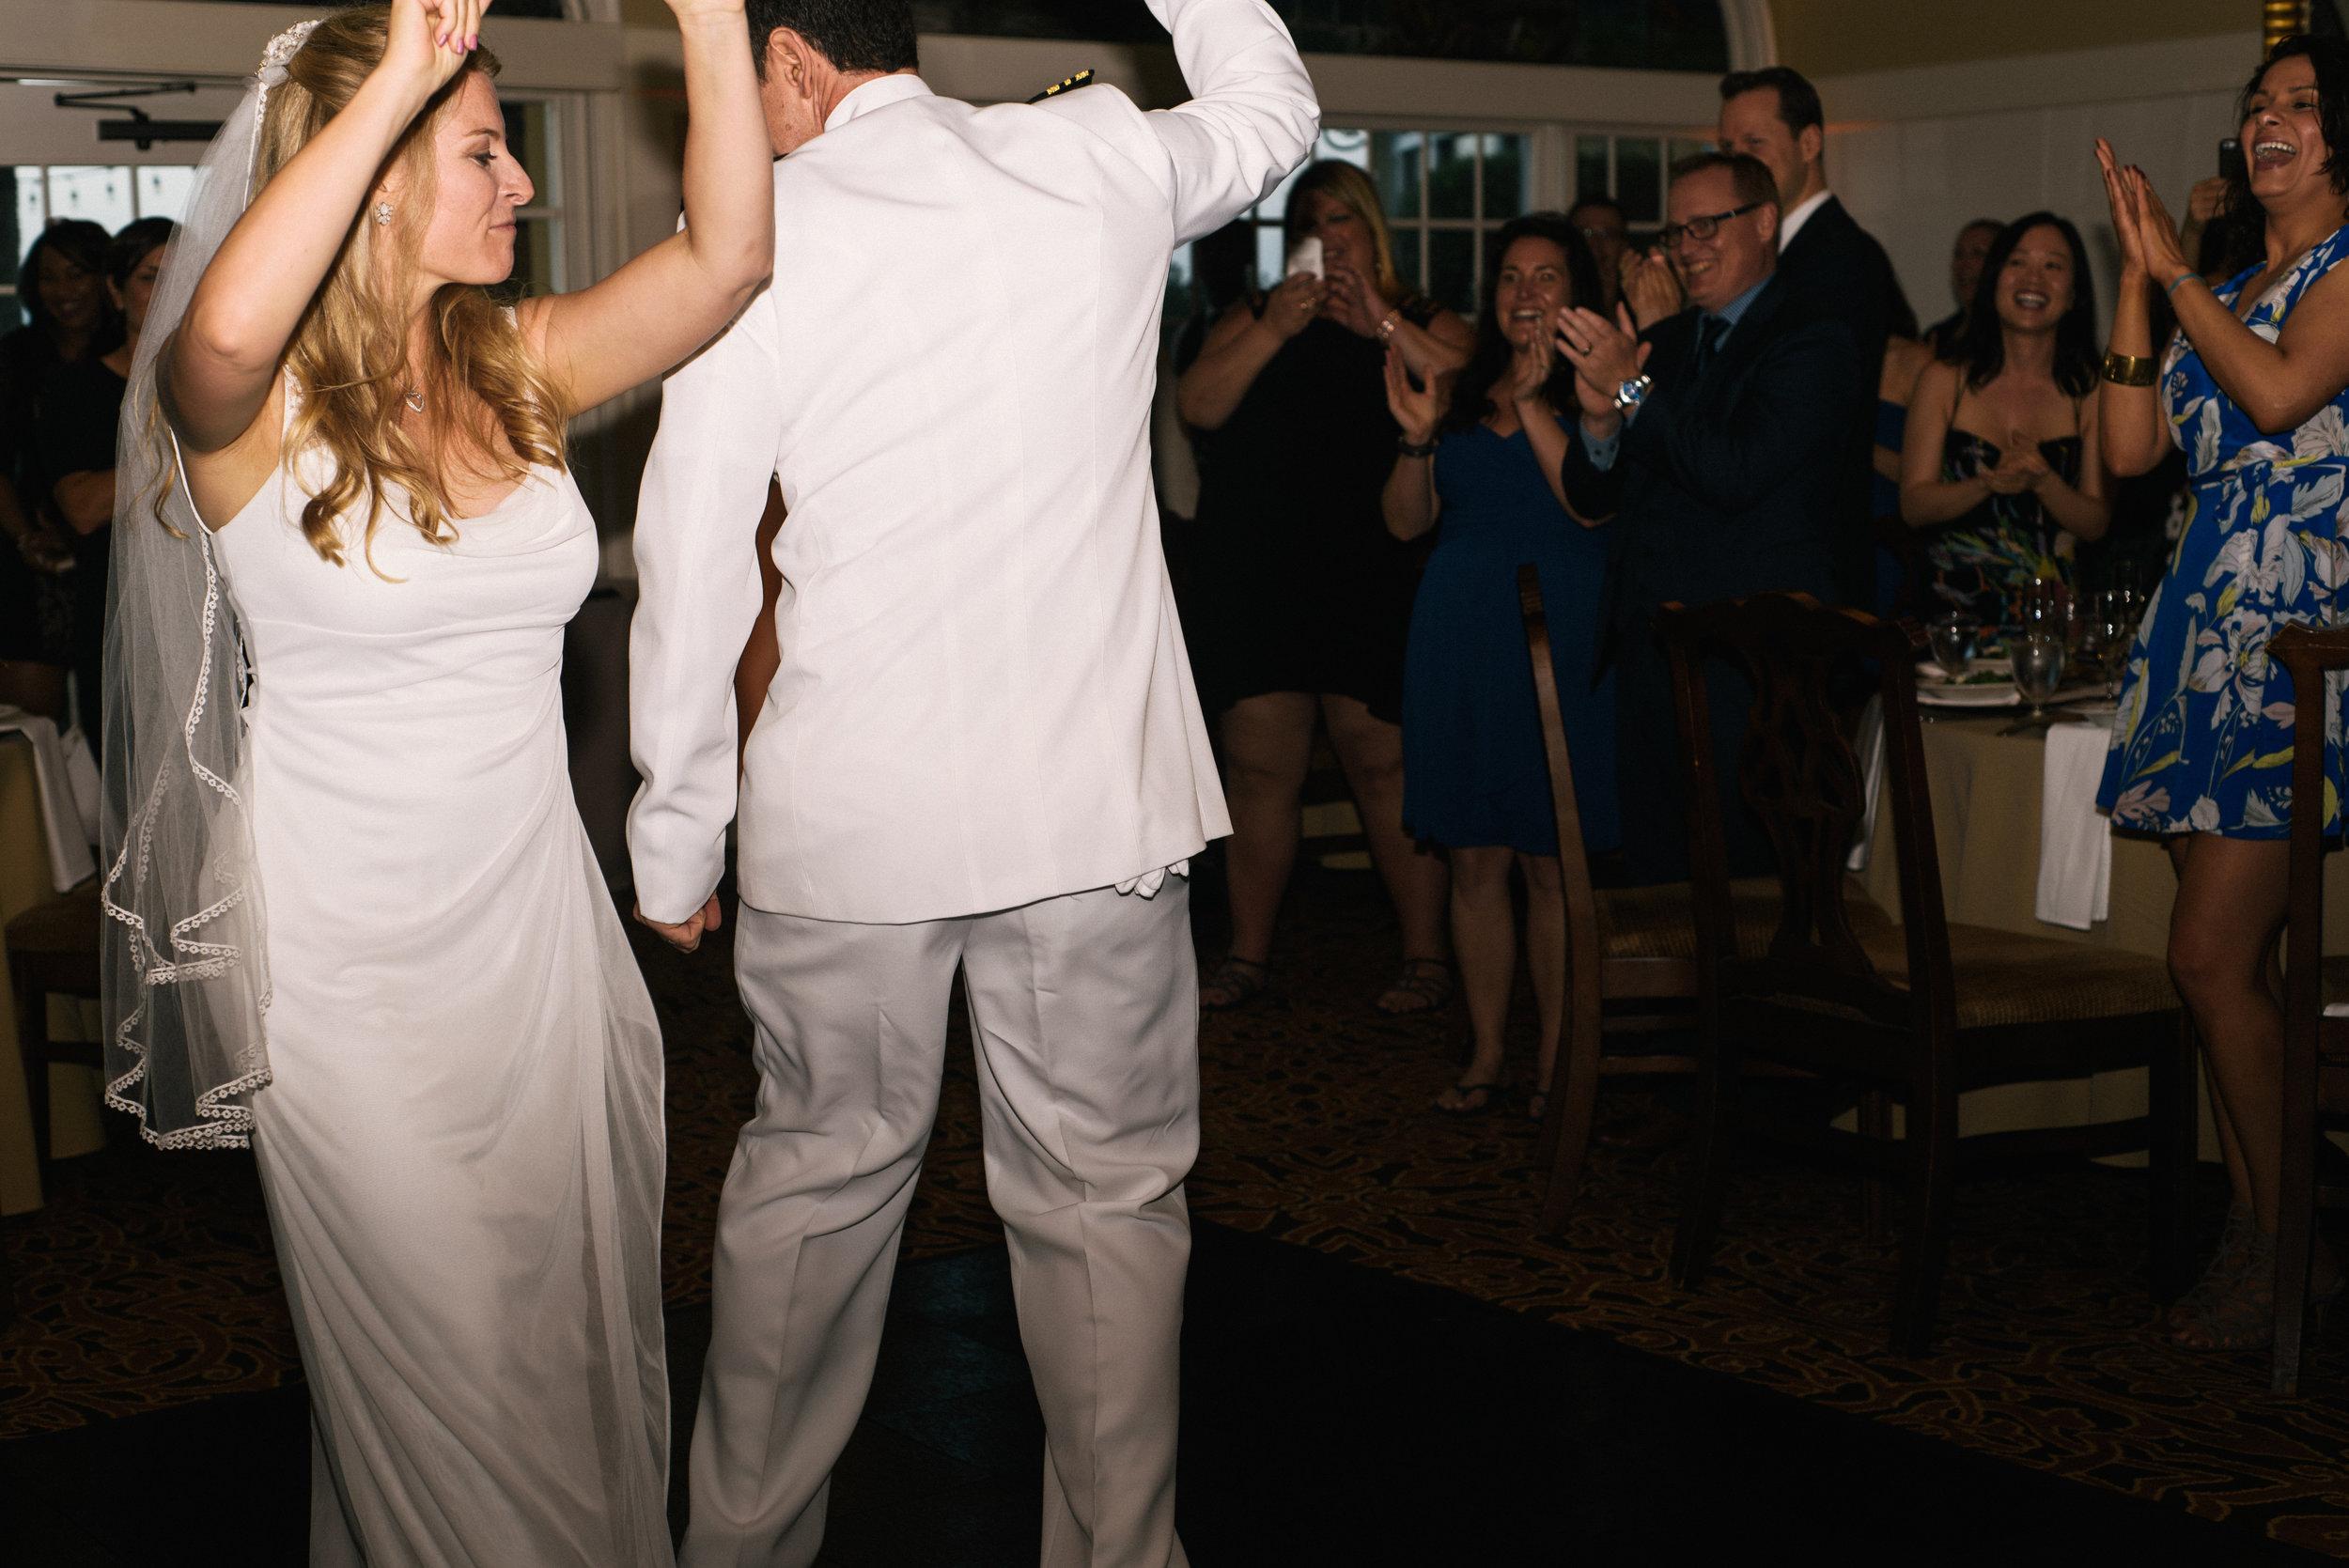 st-simons-island-elopement-photographer-savannah-elopement-photography-savannah-georgia-elopement-photographer-savannah-wedding-photographer-meg-hill-photo-jade-hill- (57 of 72).jpg